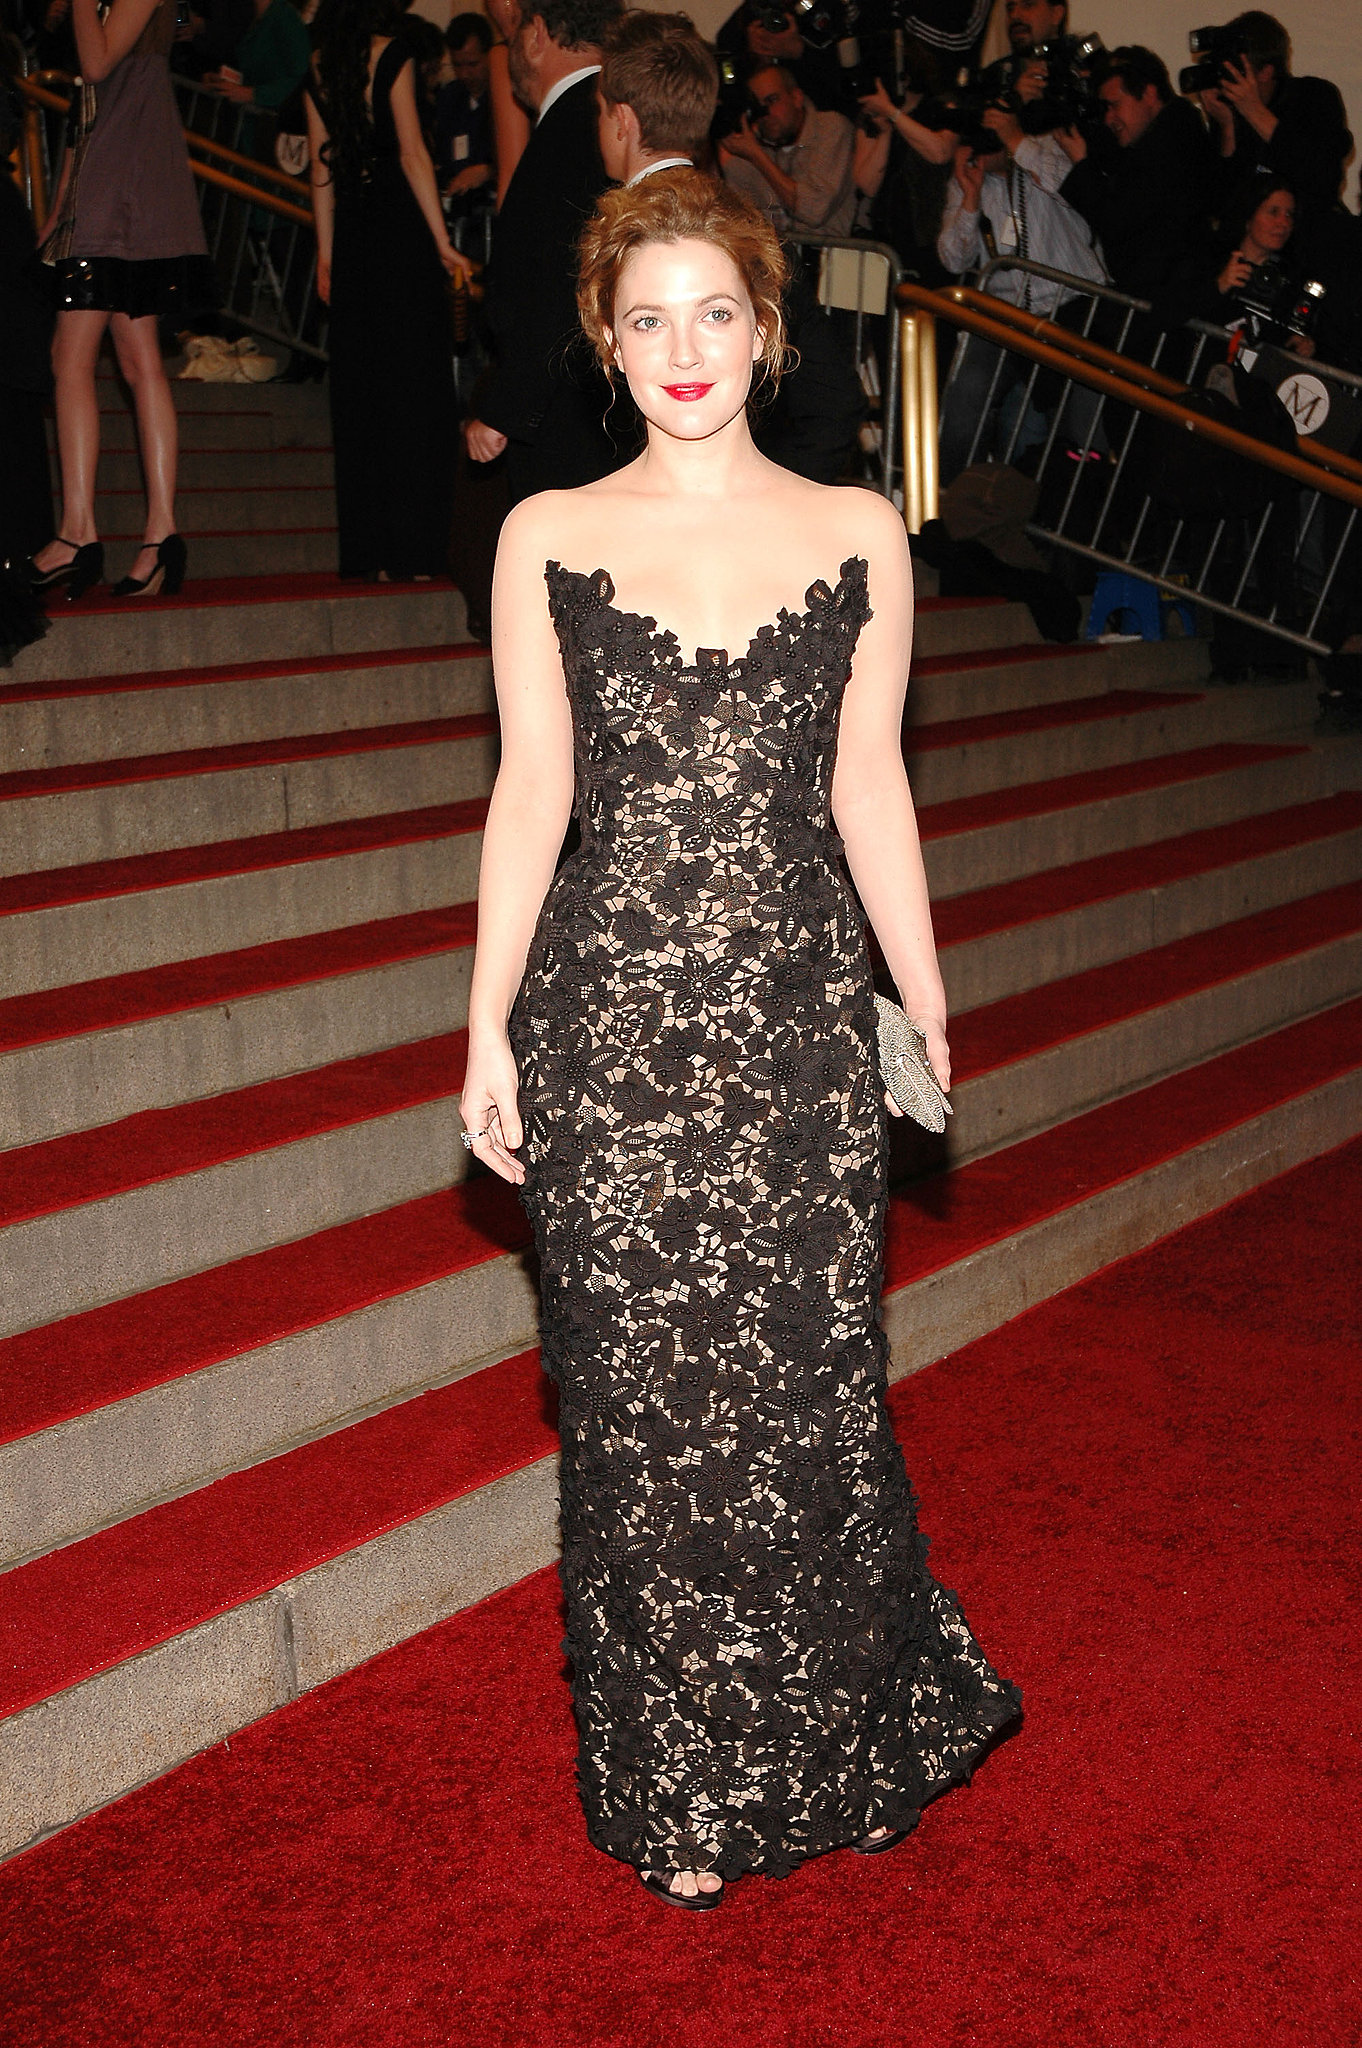 Drew Barrymore